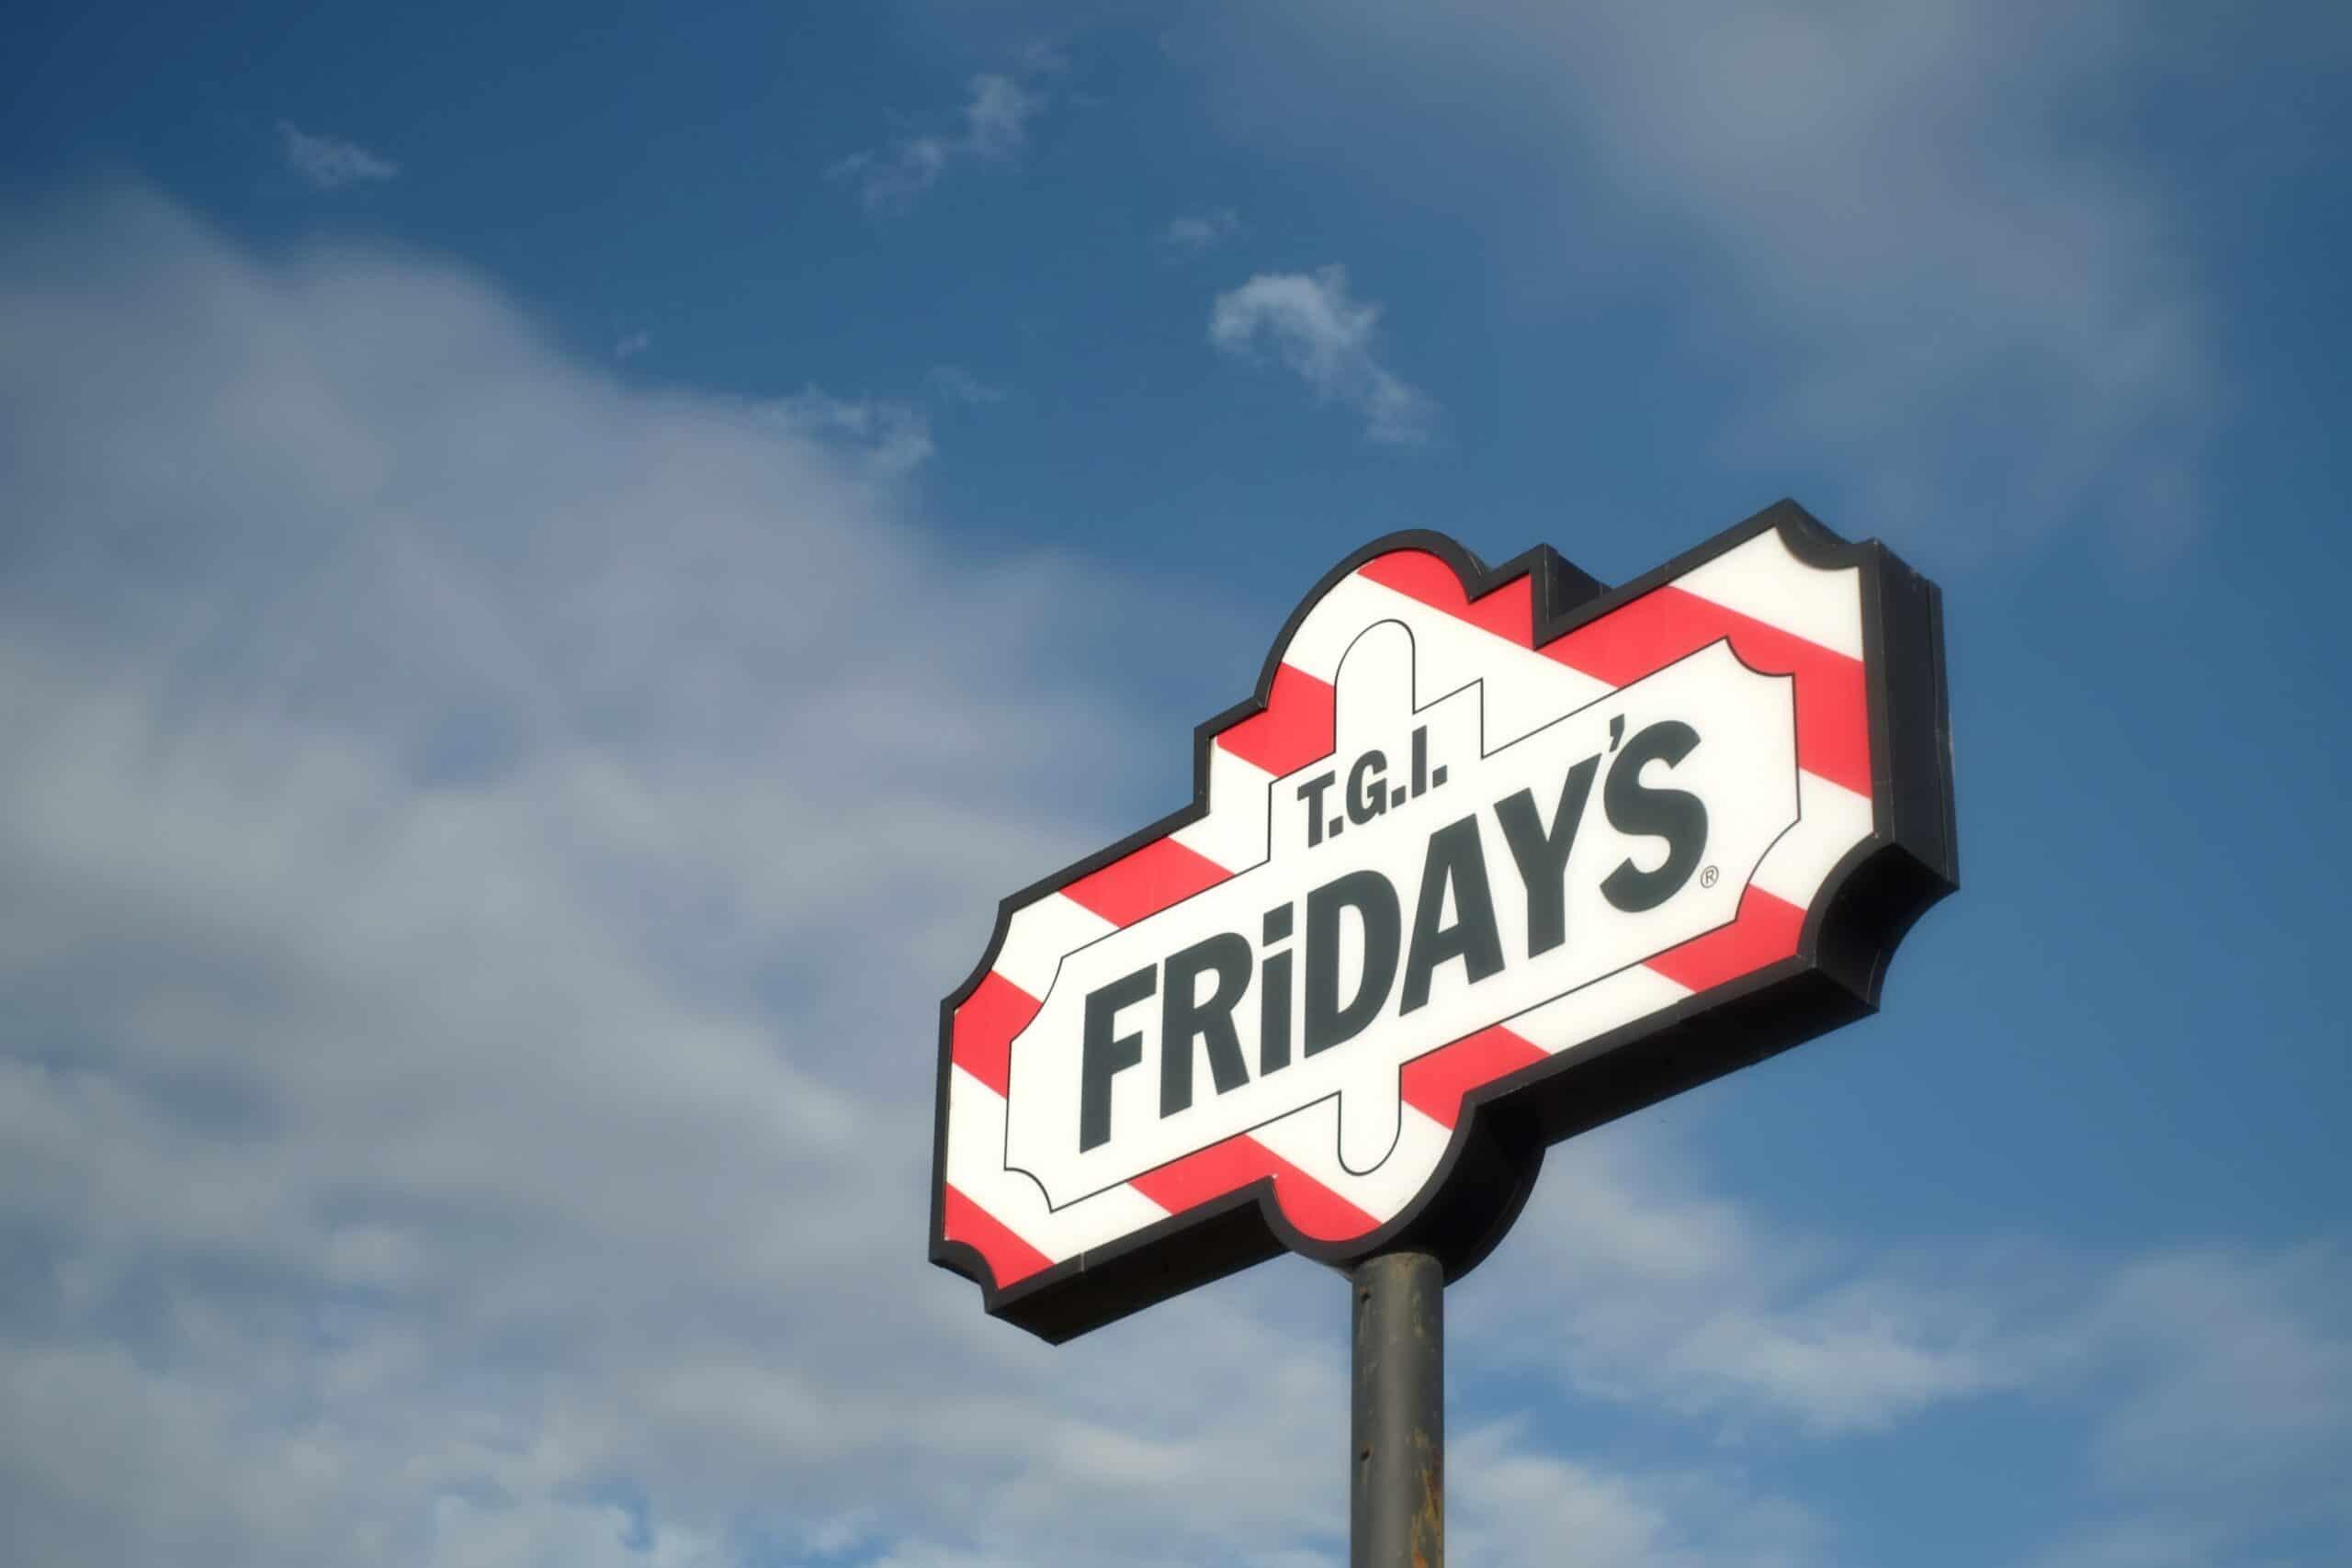 tgi friday sign scaled